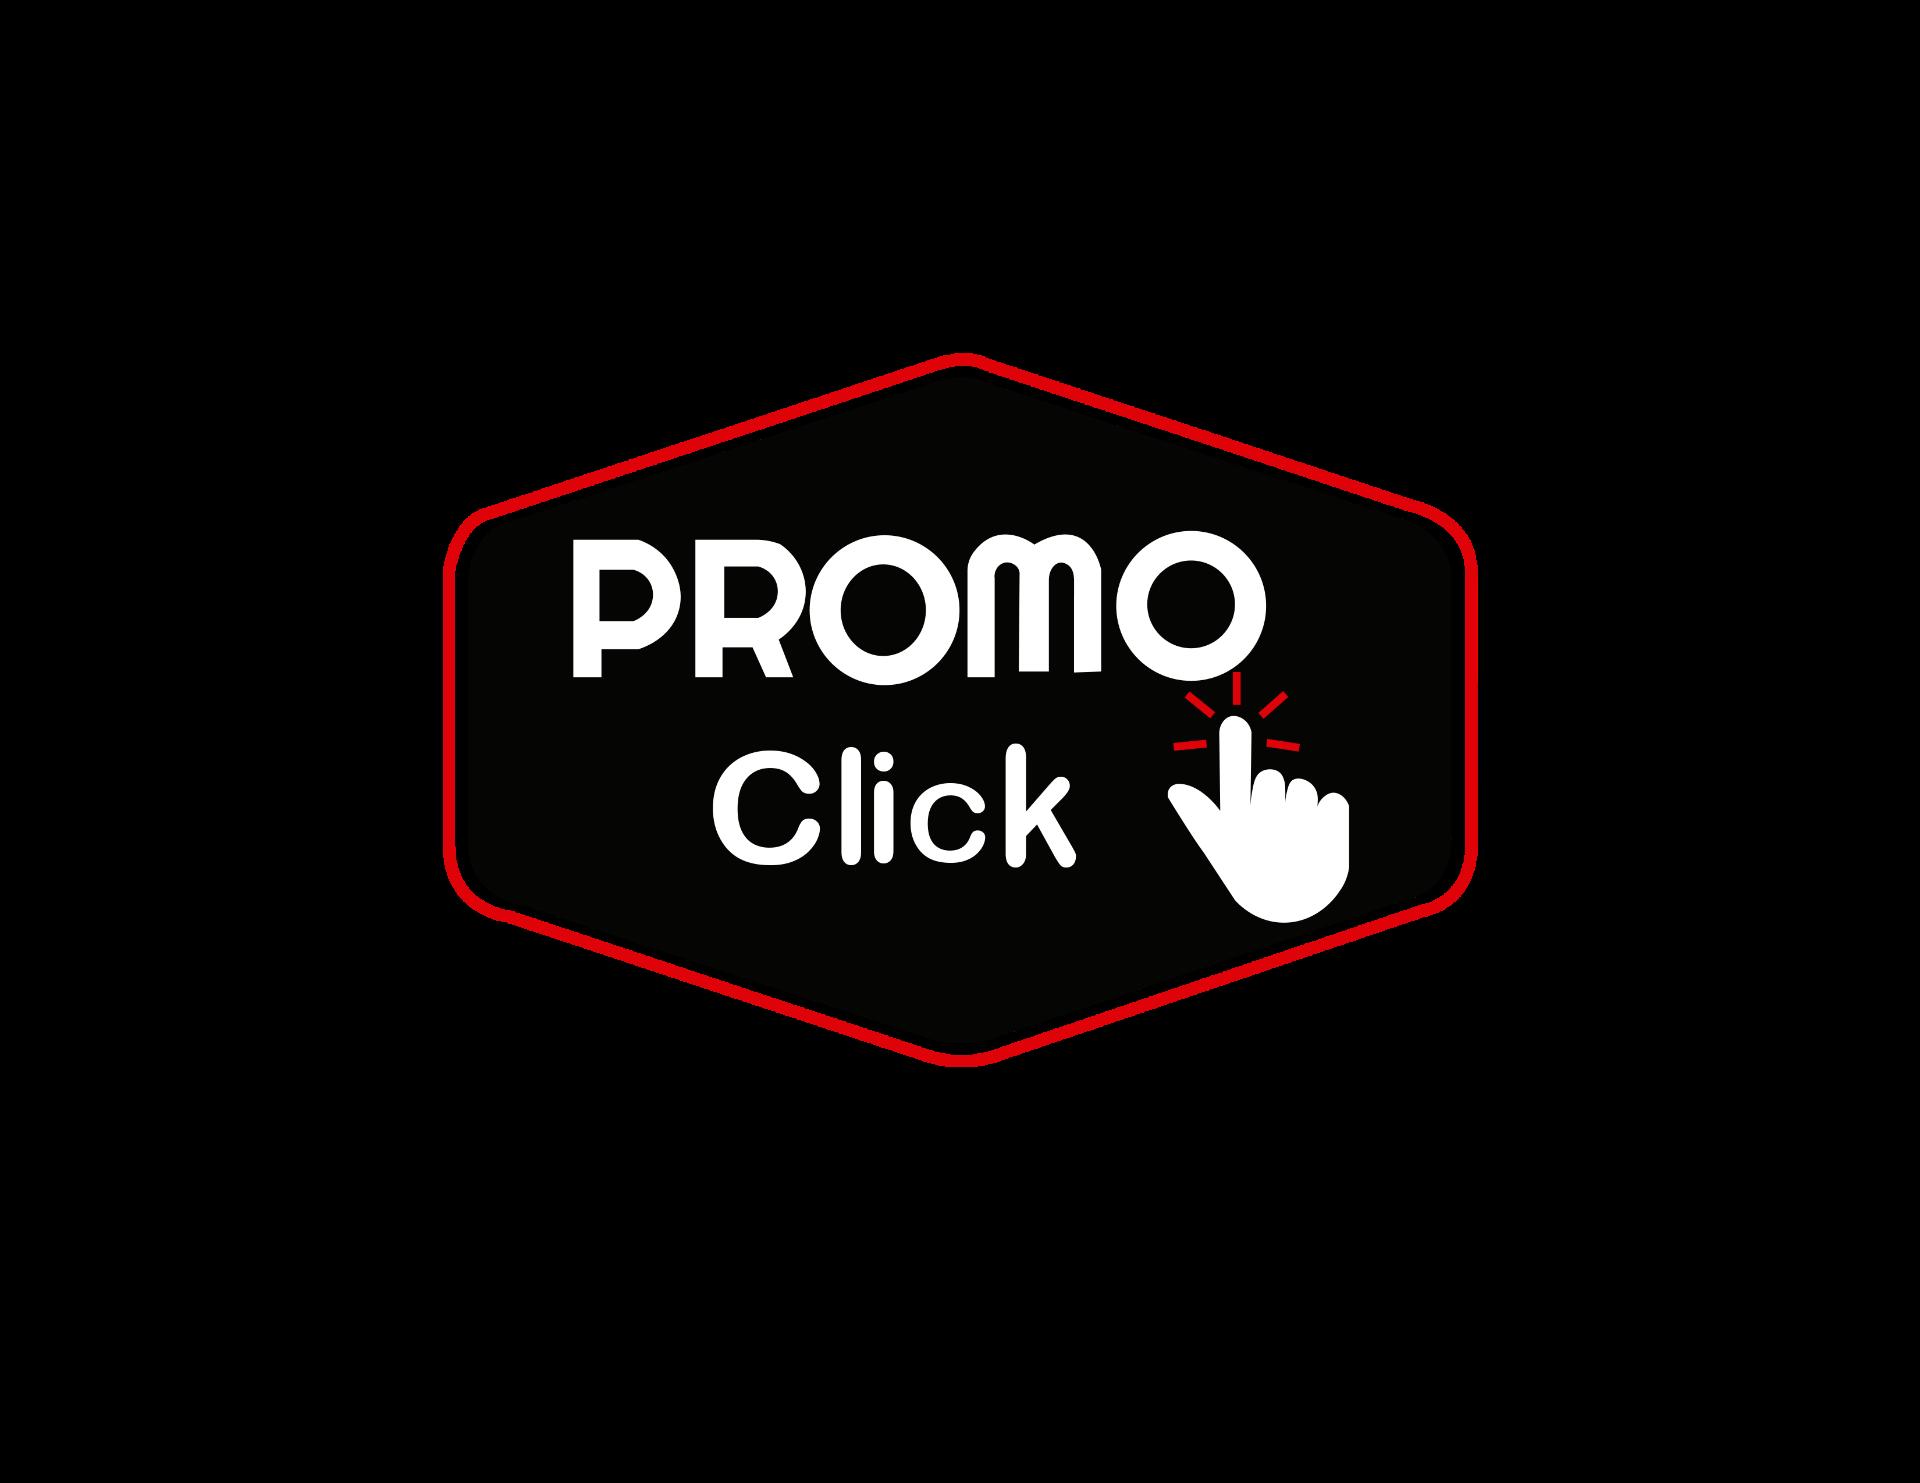 PROMO CLICK ®